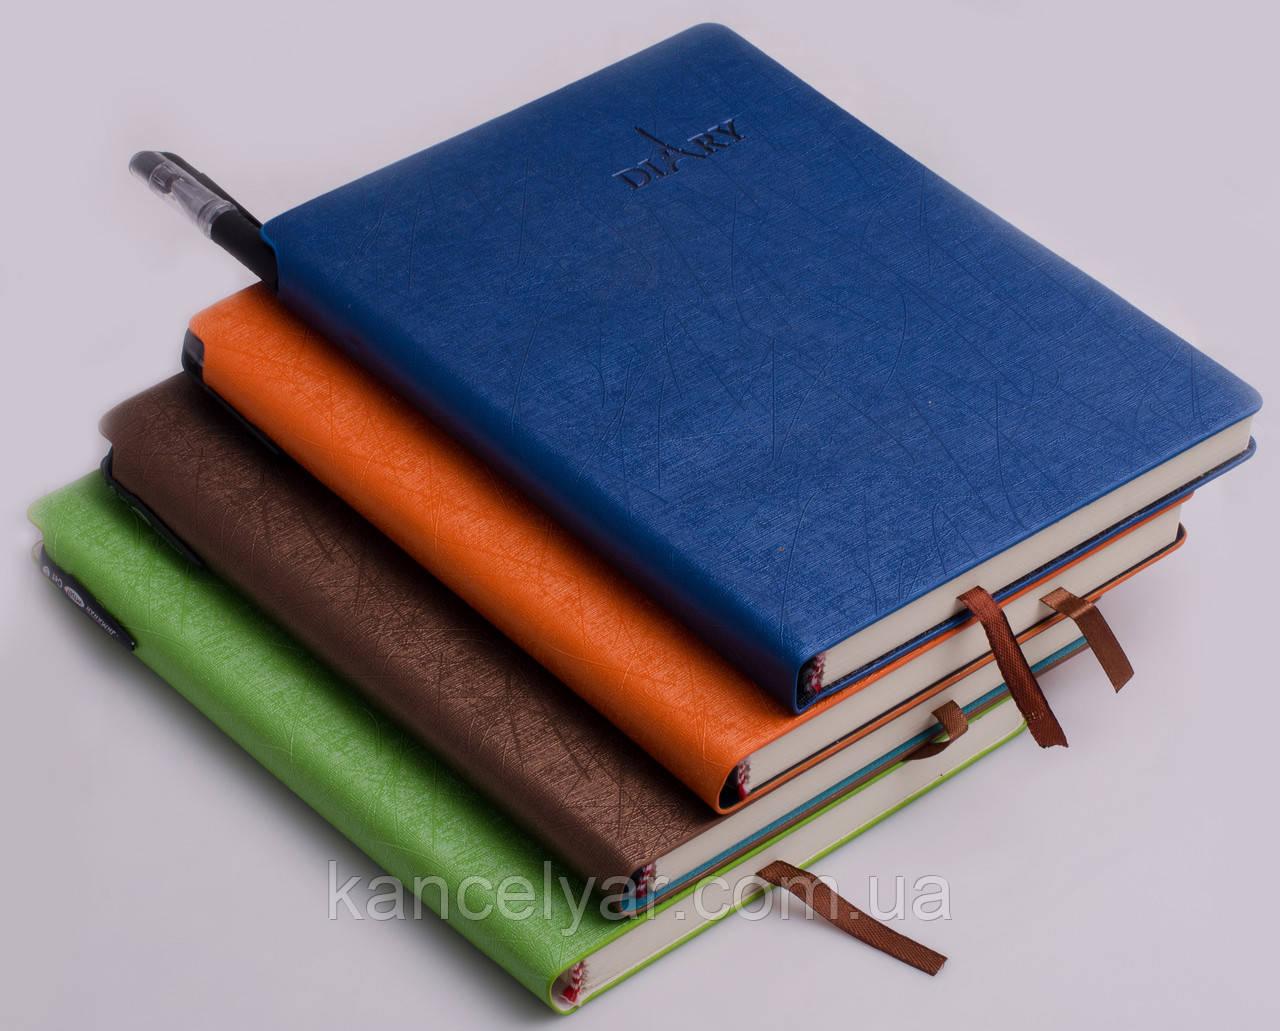 Блокнот з ручкою, клітинка, 120 аркушів, А5, в асортименті